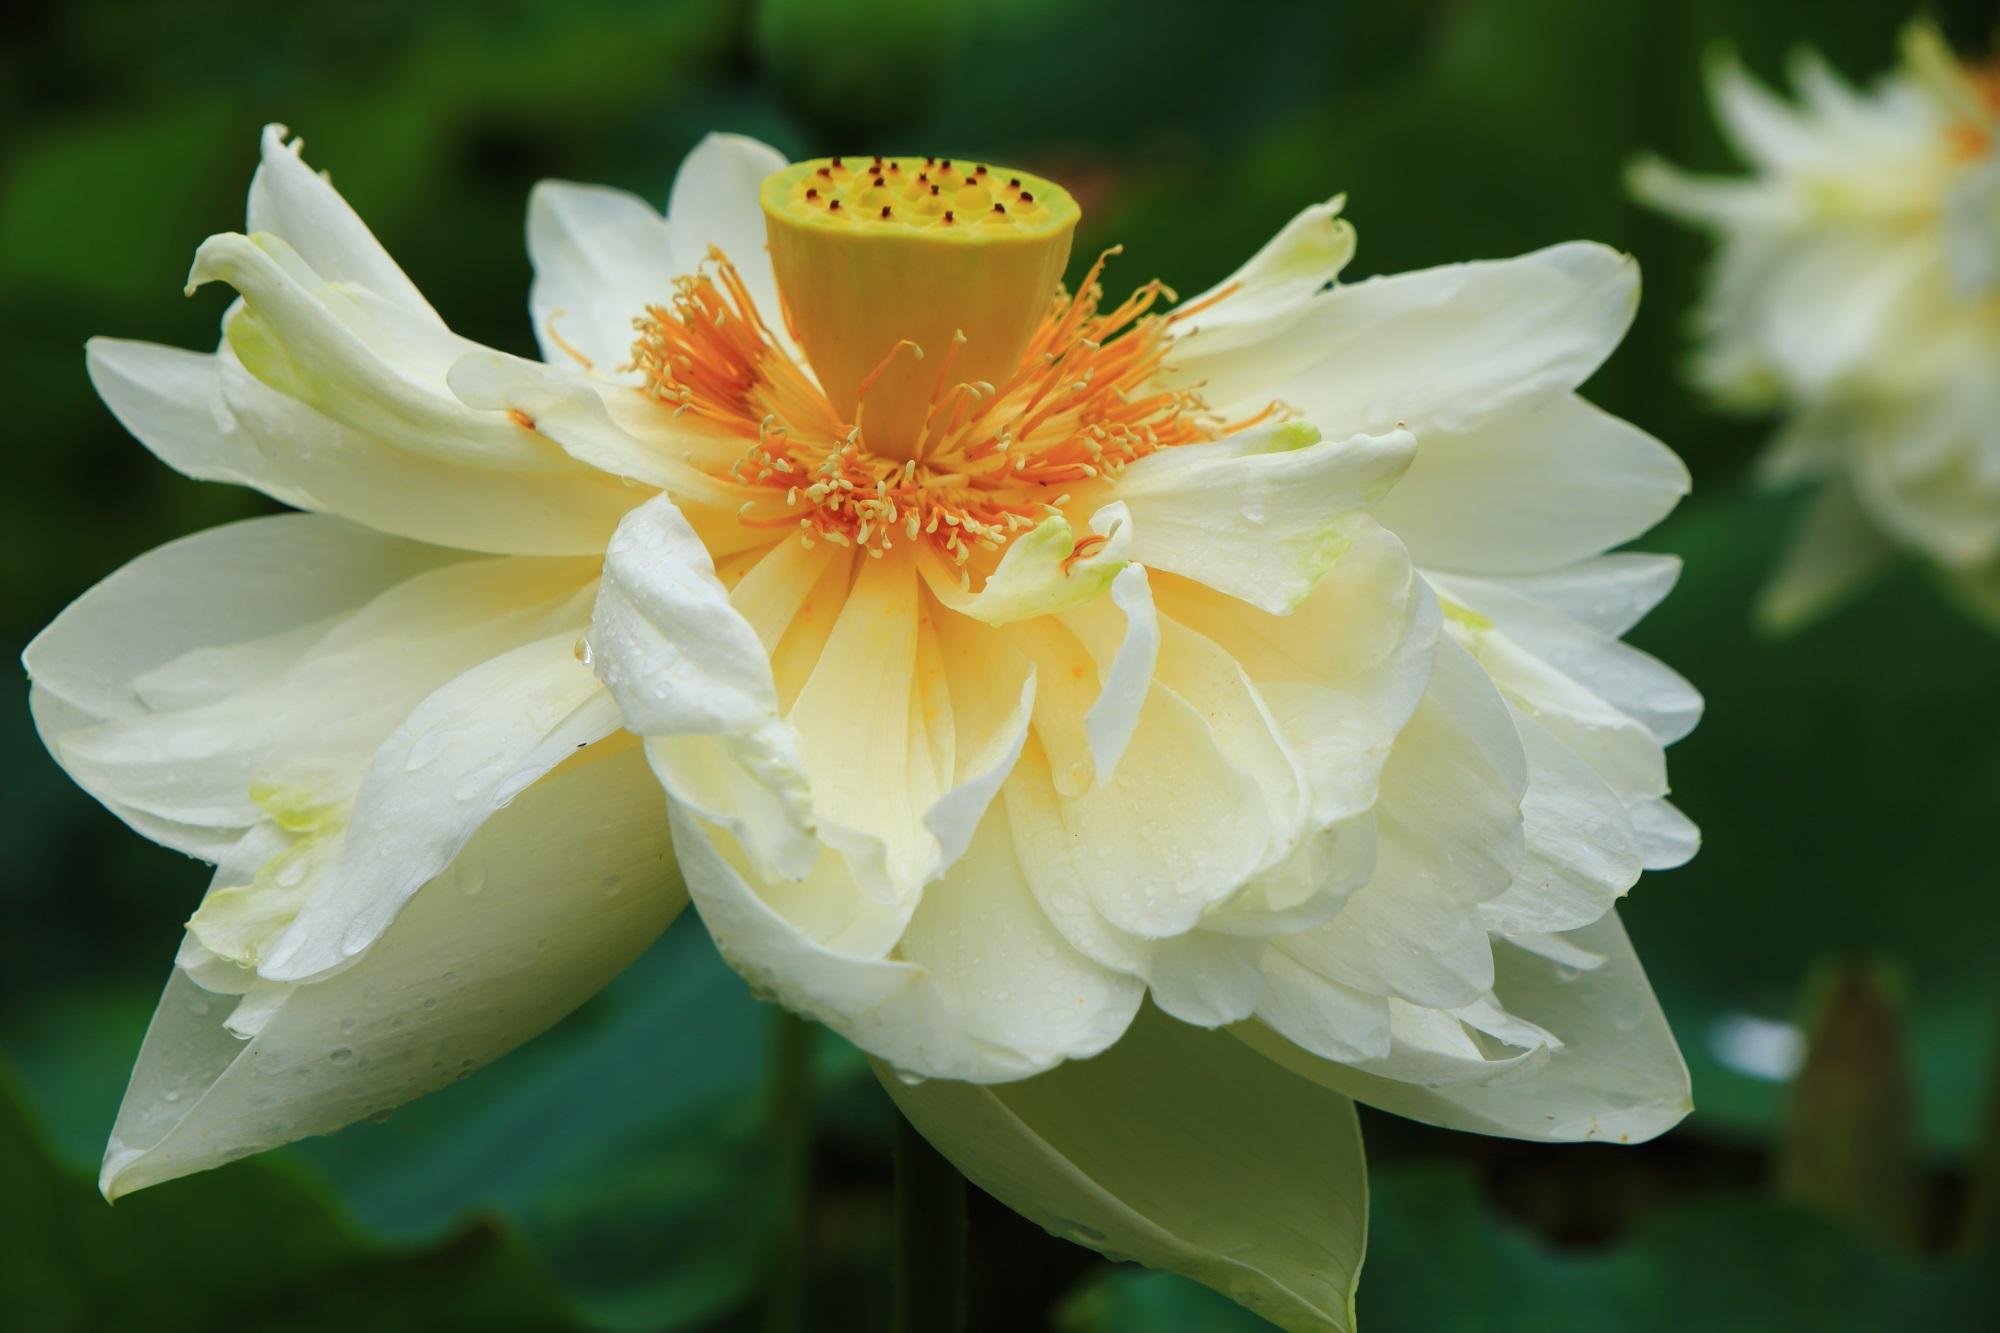 三室戸寺の花びらを大きくいっぱいに広げる見事な蓮